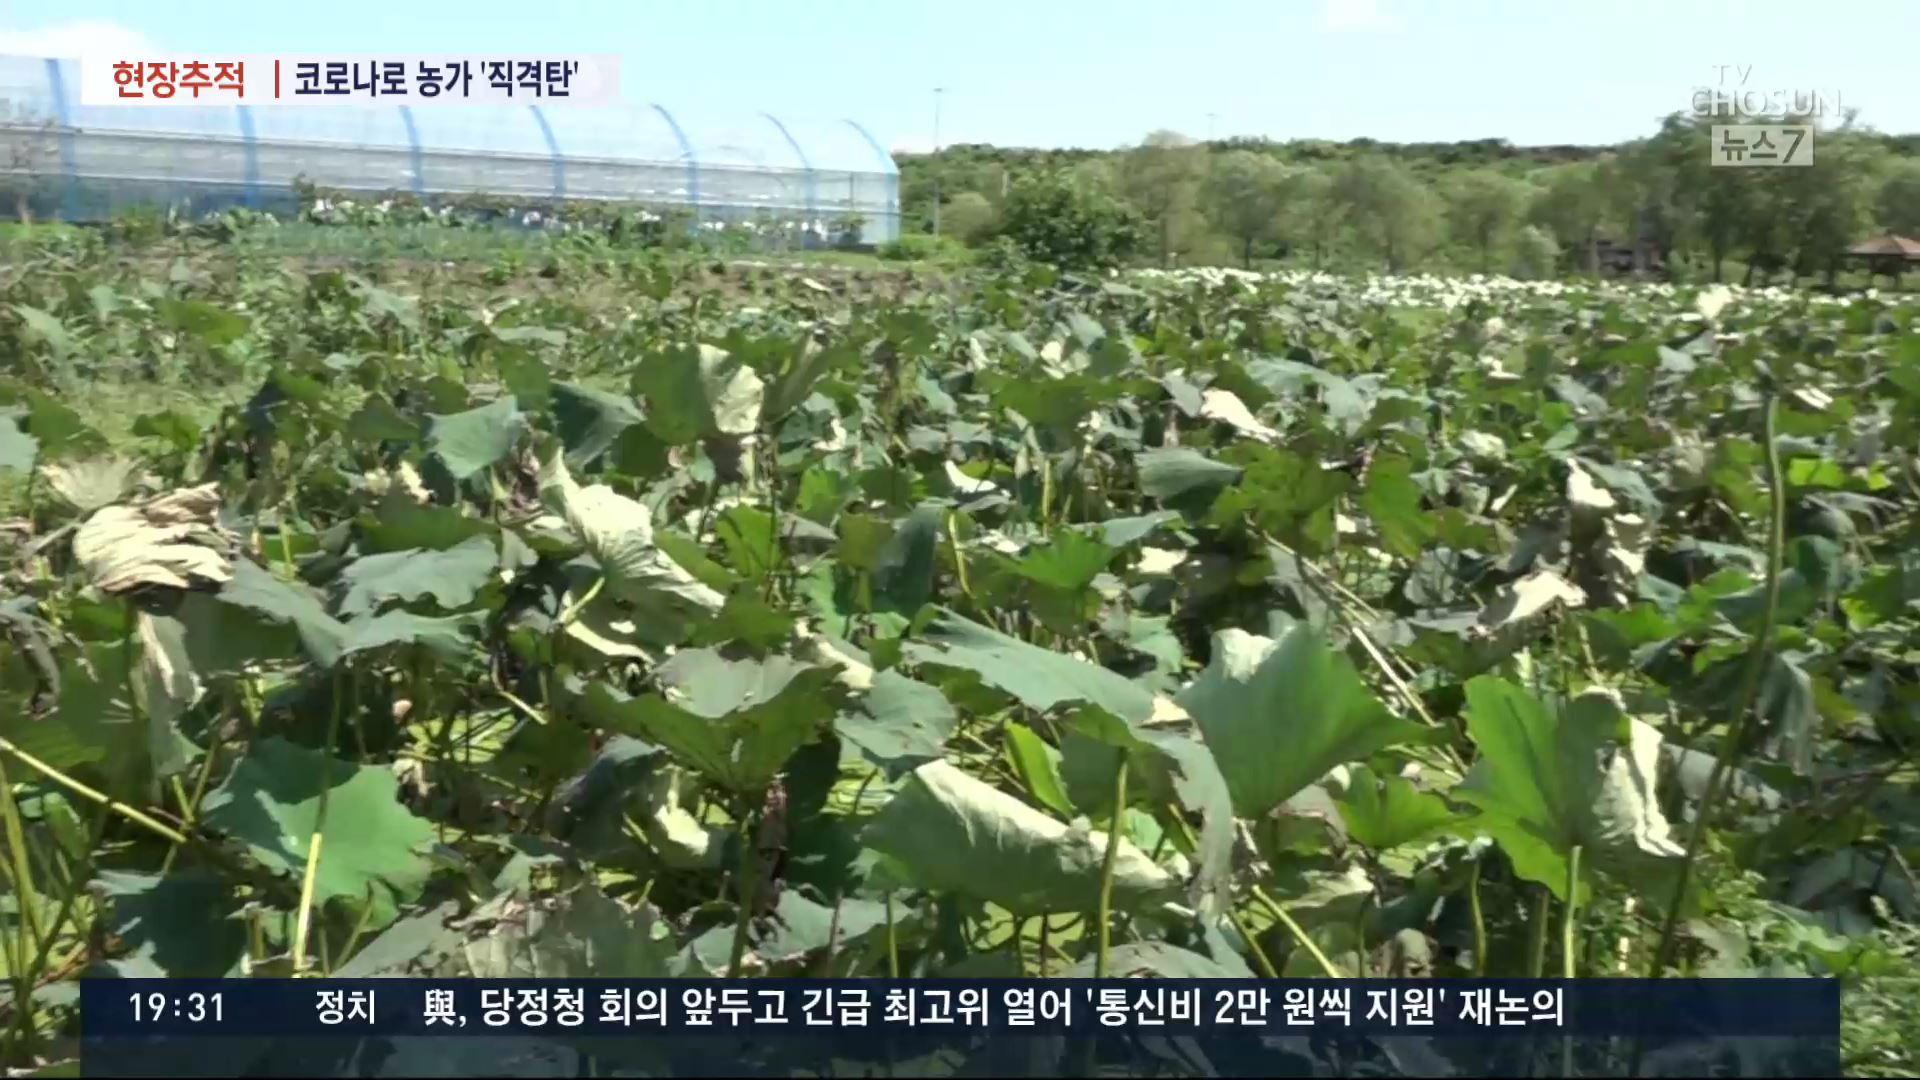 [현장추적] '축제·급식 줄어 쌓이는 작물'…코로나에 농가 '울상'